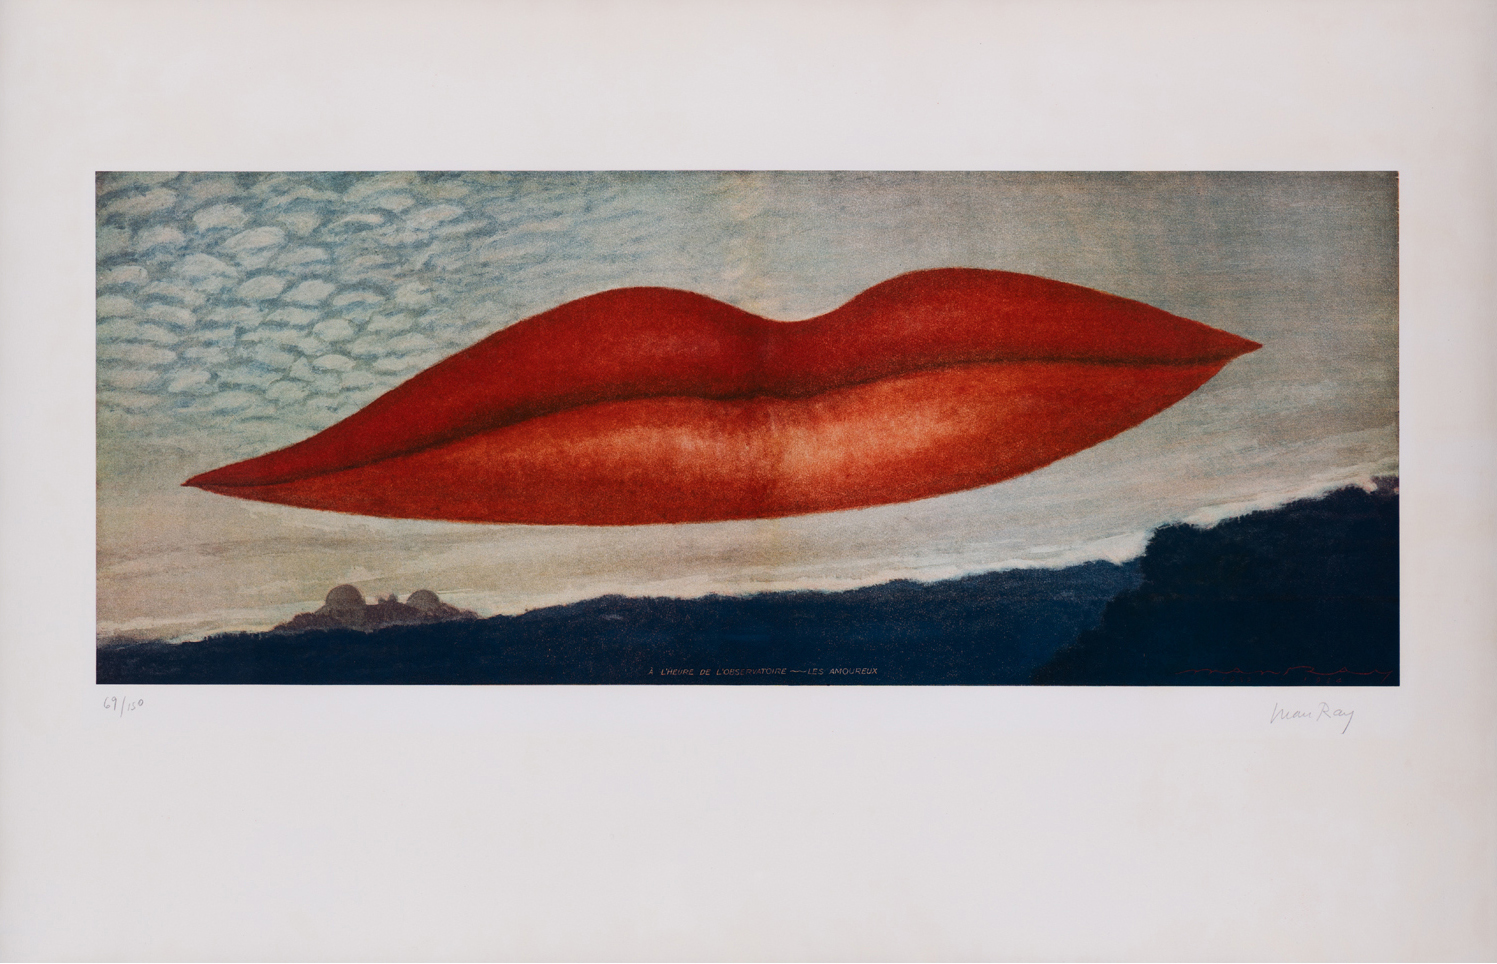 Vente Man Ray, Picasso, Dali, Soulages, Jonone, Bansky… Pièces originales d'Art Moderne, Contemporain et Street Art  chez Sadde - Dijon : 275 lots